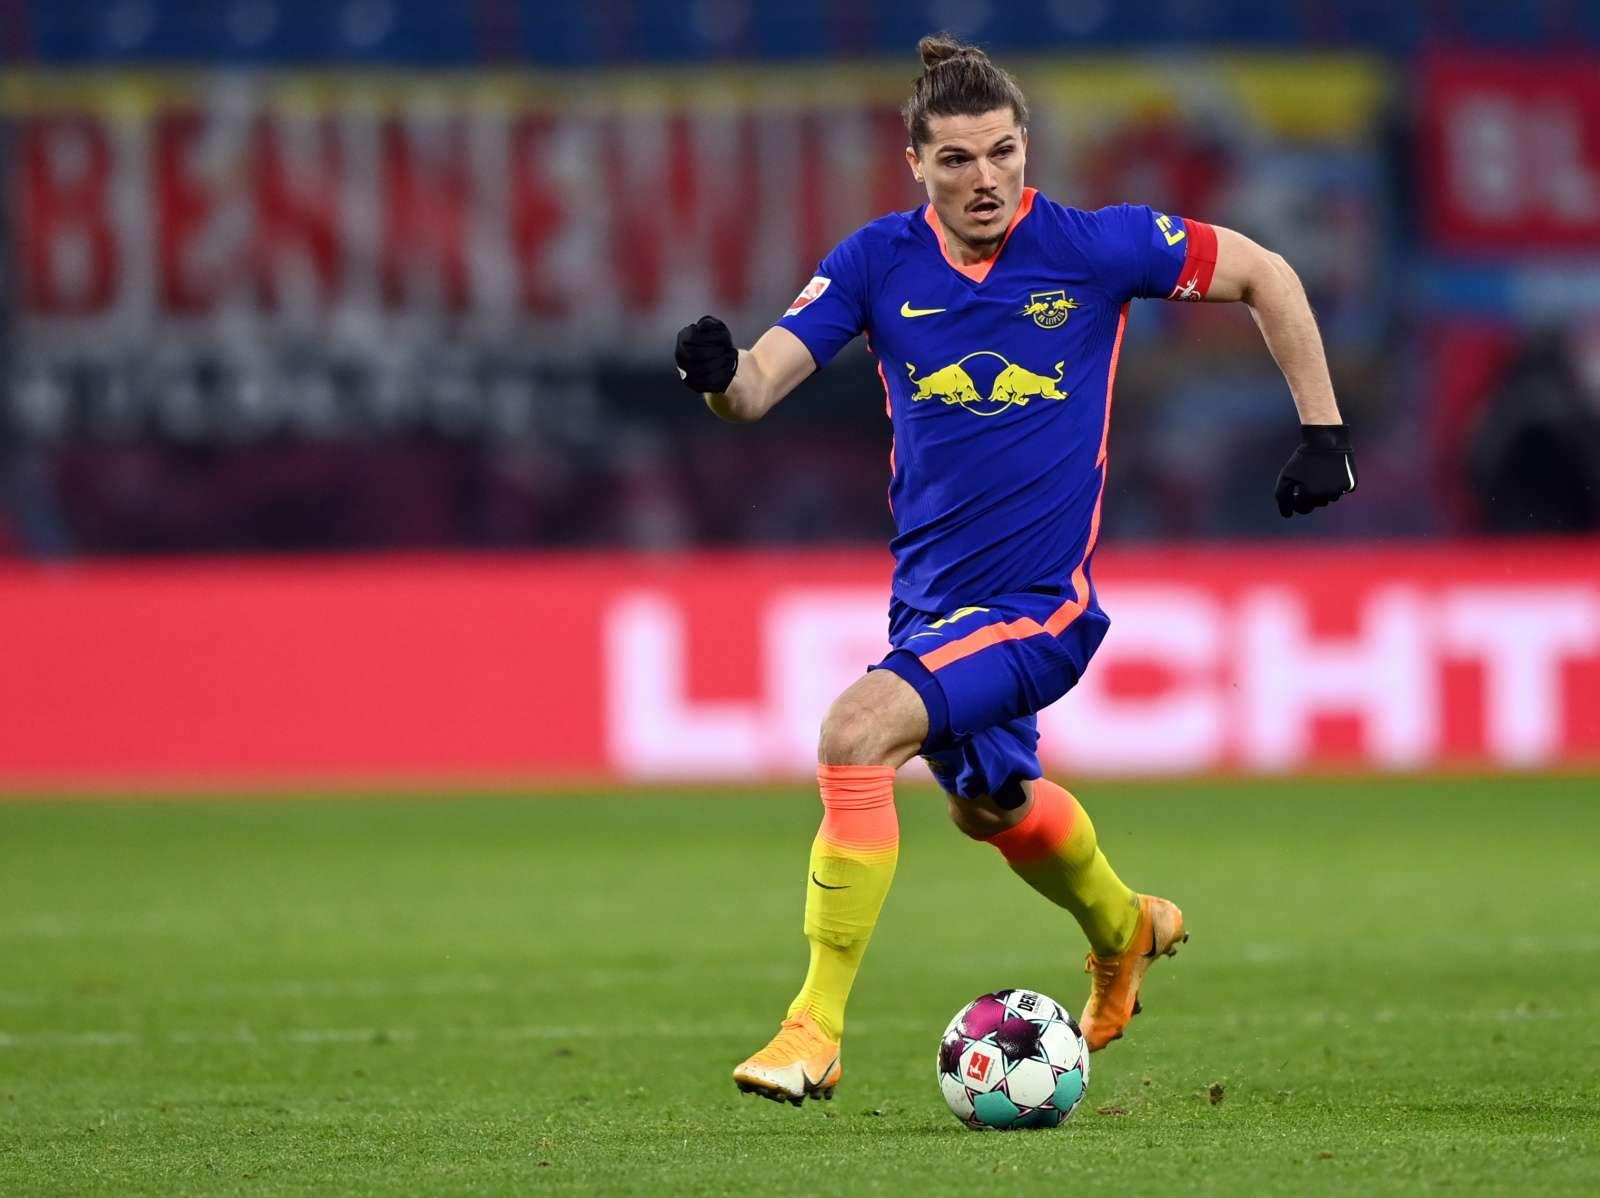 «РБ Лейпциг» - новый лидер, дортмундская «Боруссия» дома пропустила 5 голов от «Штуттгарта»